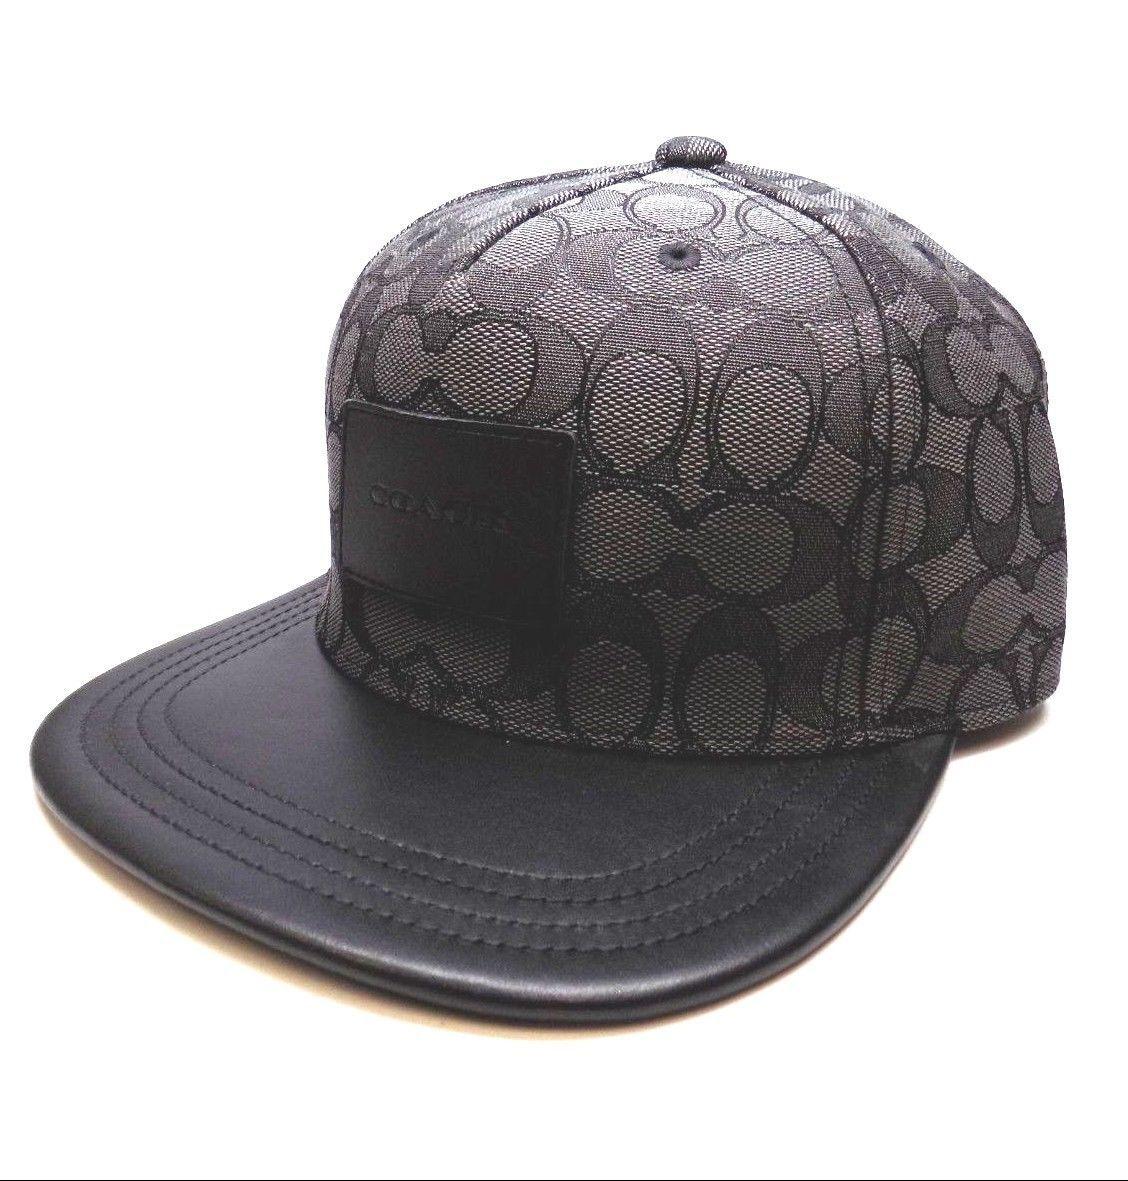 S l1600. S l1600. Previous. BRAND NEW MEN S COACH (F33776) FLAT BRIM  SIGNATURE BLACK ADJUSTABLE HAT CAP 43e12b416c14